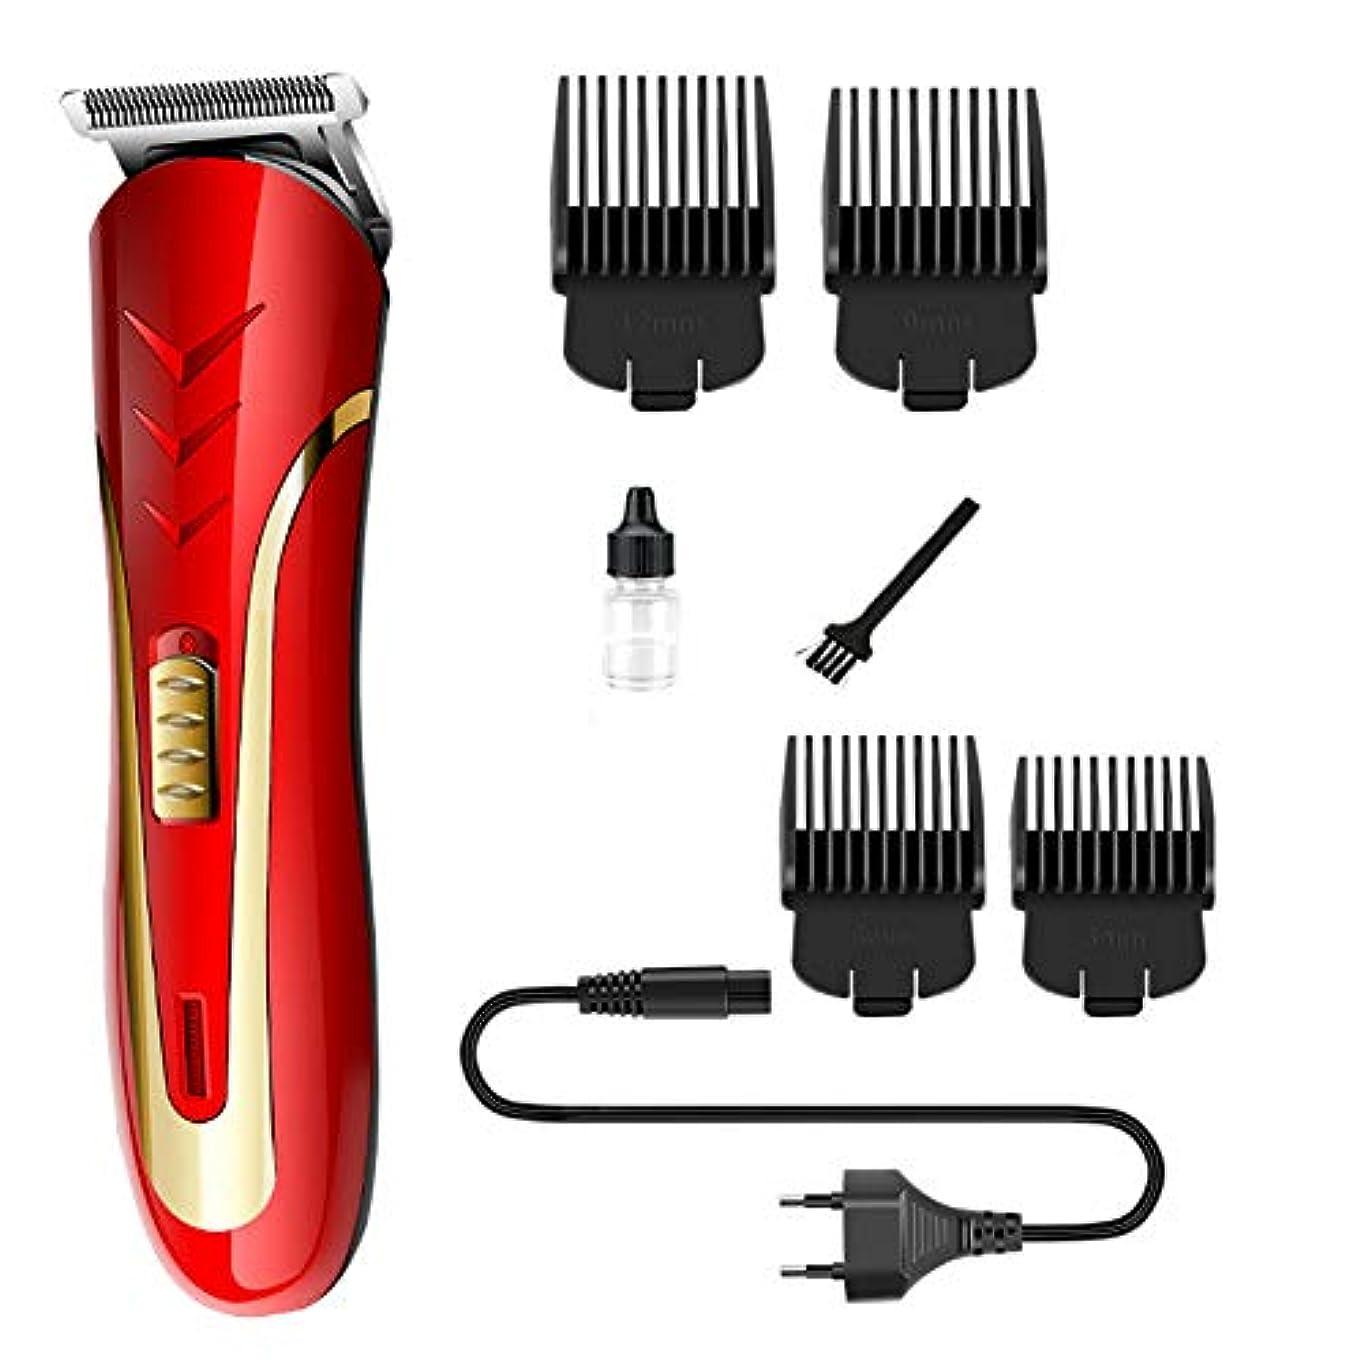 新着位置づけるゆりプロフェッショナルヘアトリマー充電式電動かみそりの男性ひげ剃りの電気毛クリッパーカッター